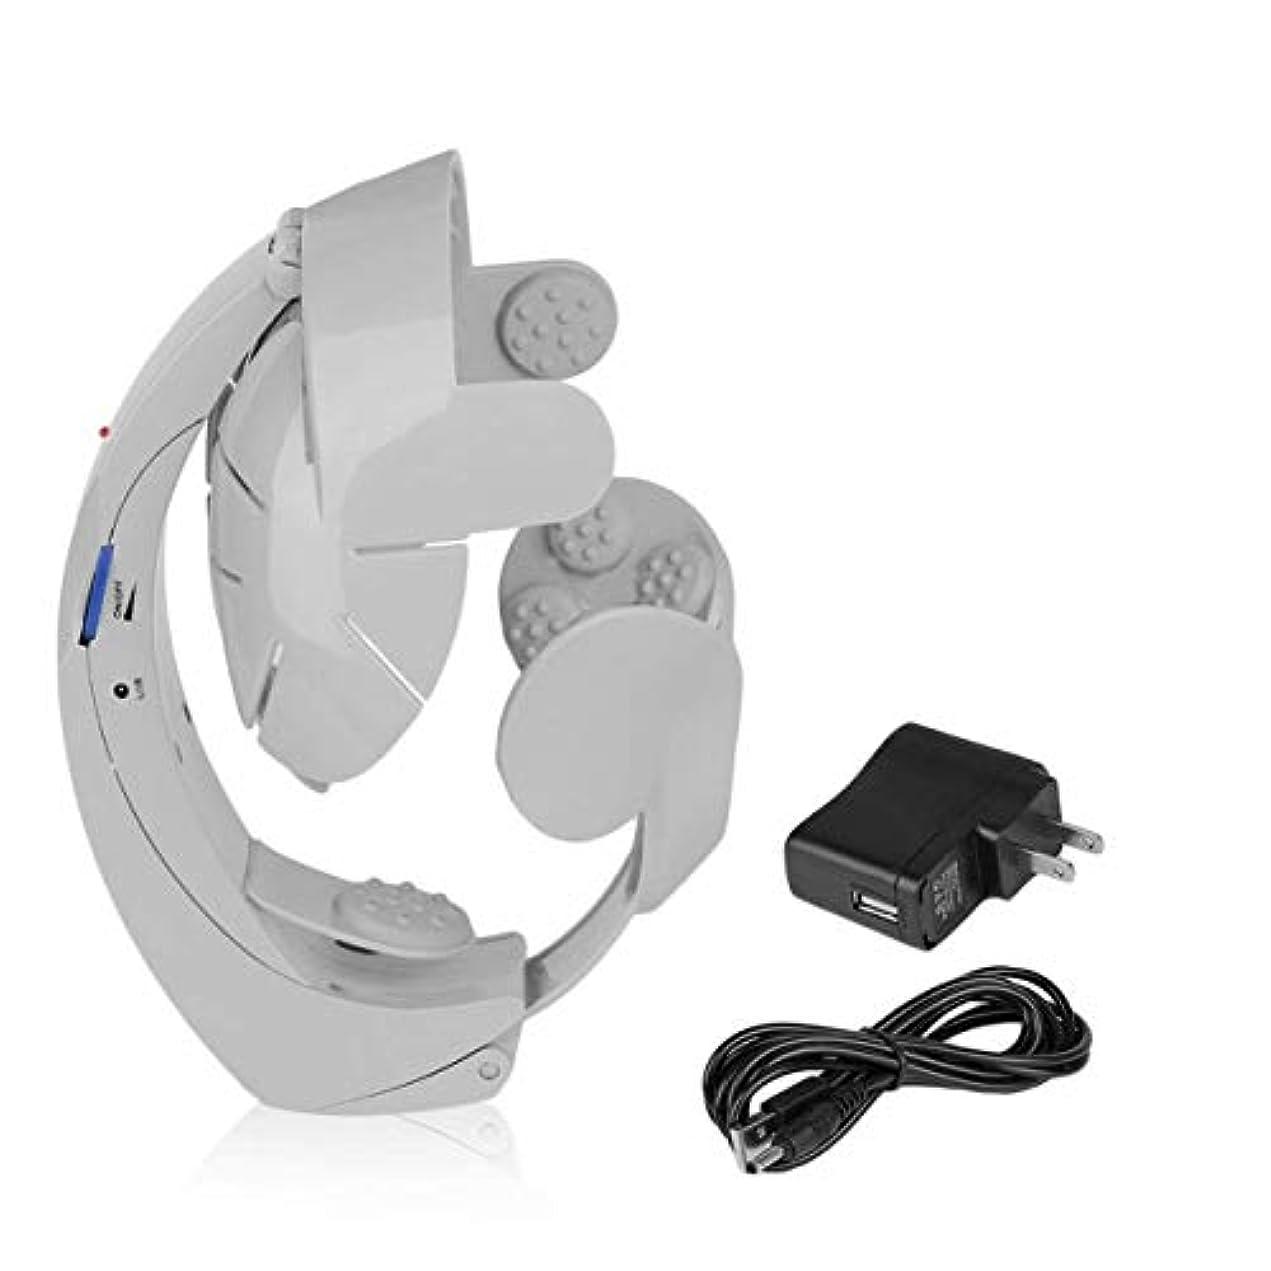 ゴシップ体系的に絶望的なヒューマノイドデザイン電動ヘッドマッサージ脳のマッサージリラックス簡単な鍼治療ファッションスタイルヘルスケアサプライ